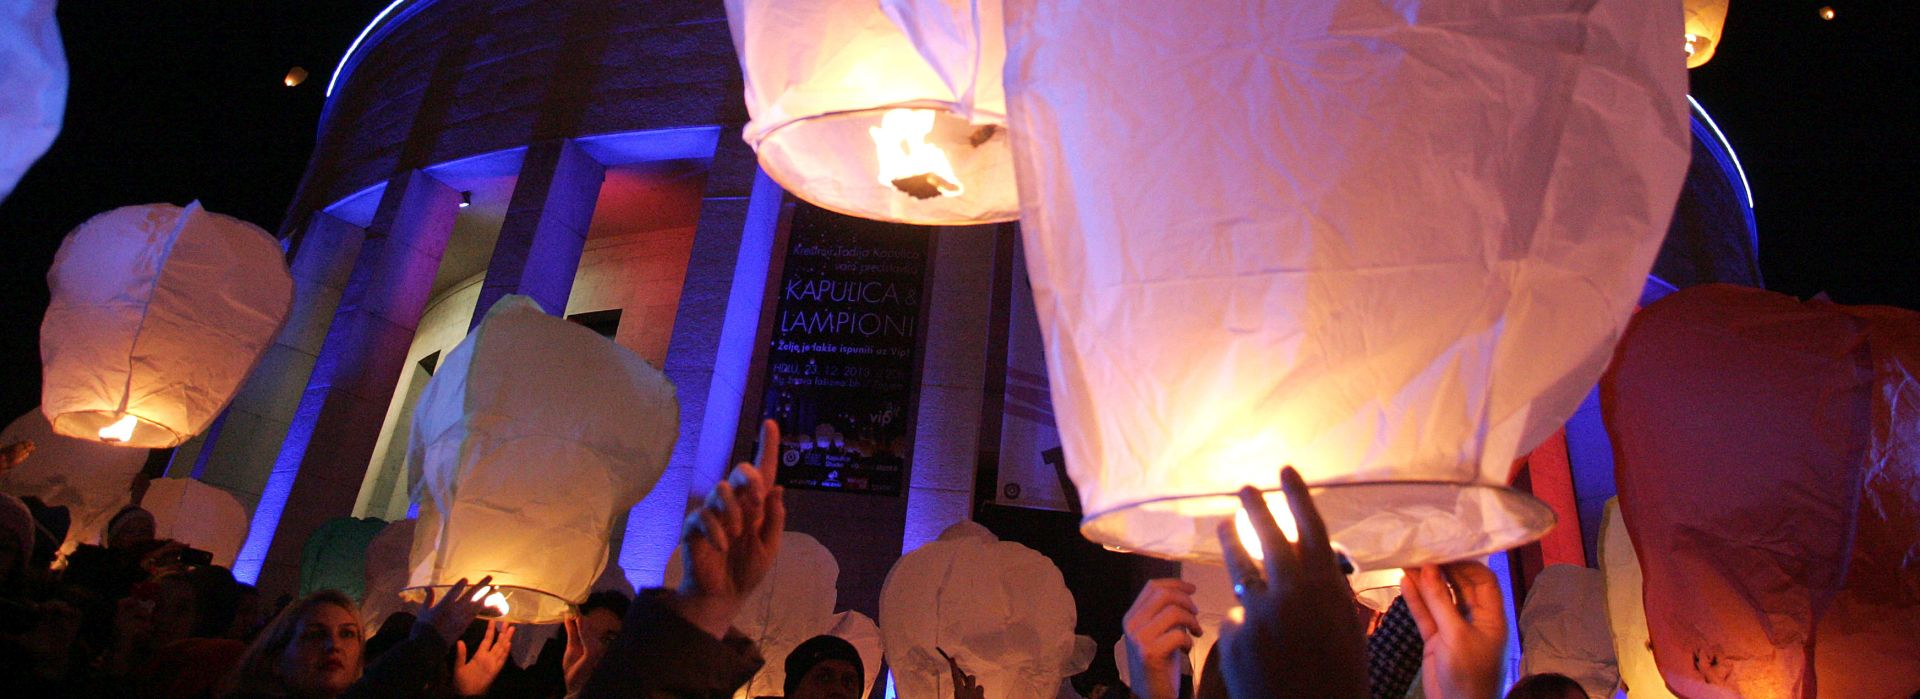 INICIJATIVA VATROGASACA U zrak puštajte balone a ne lampione